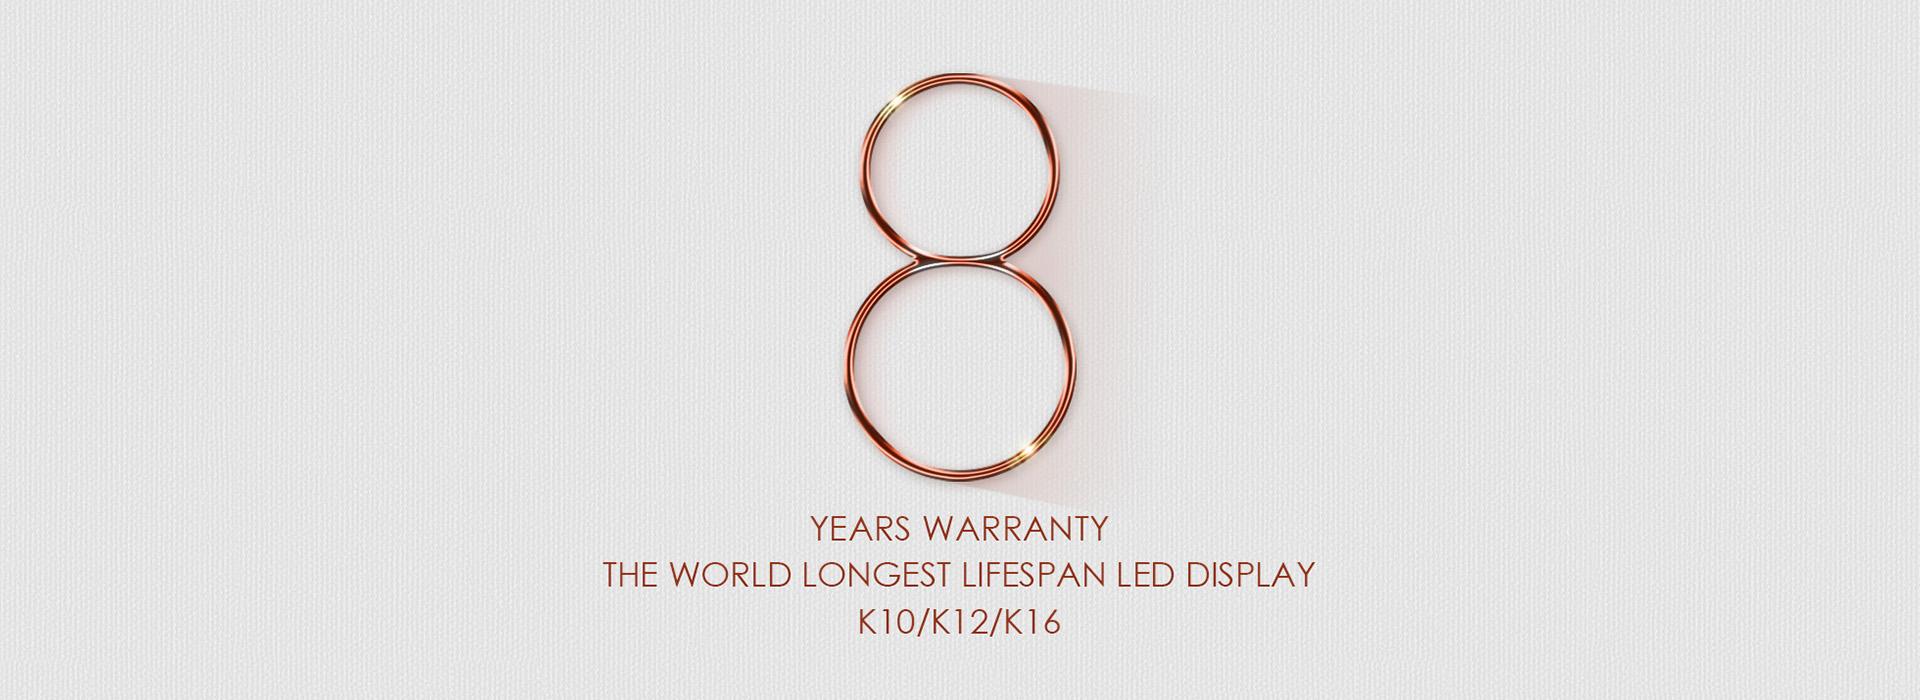 8-years-warranty